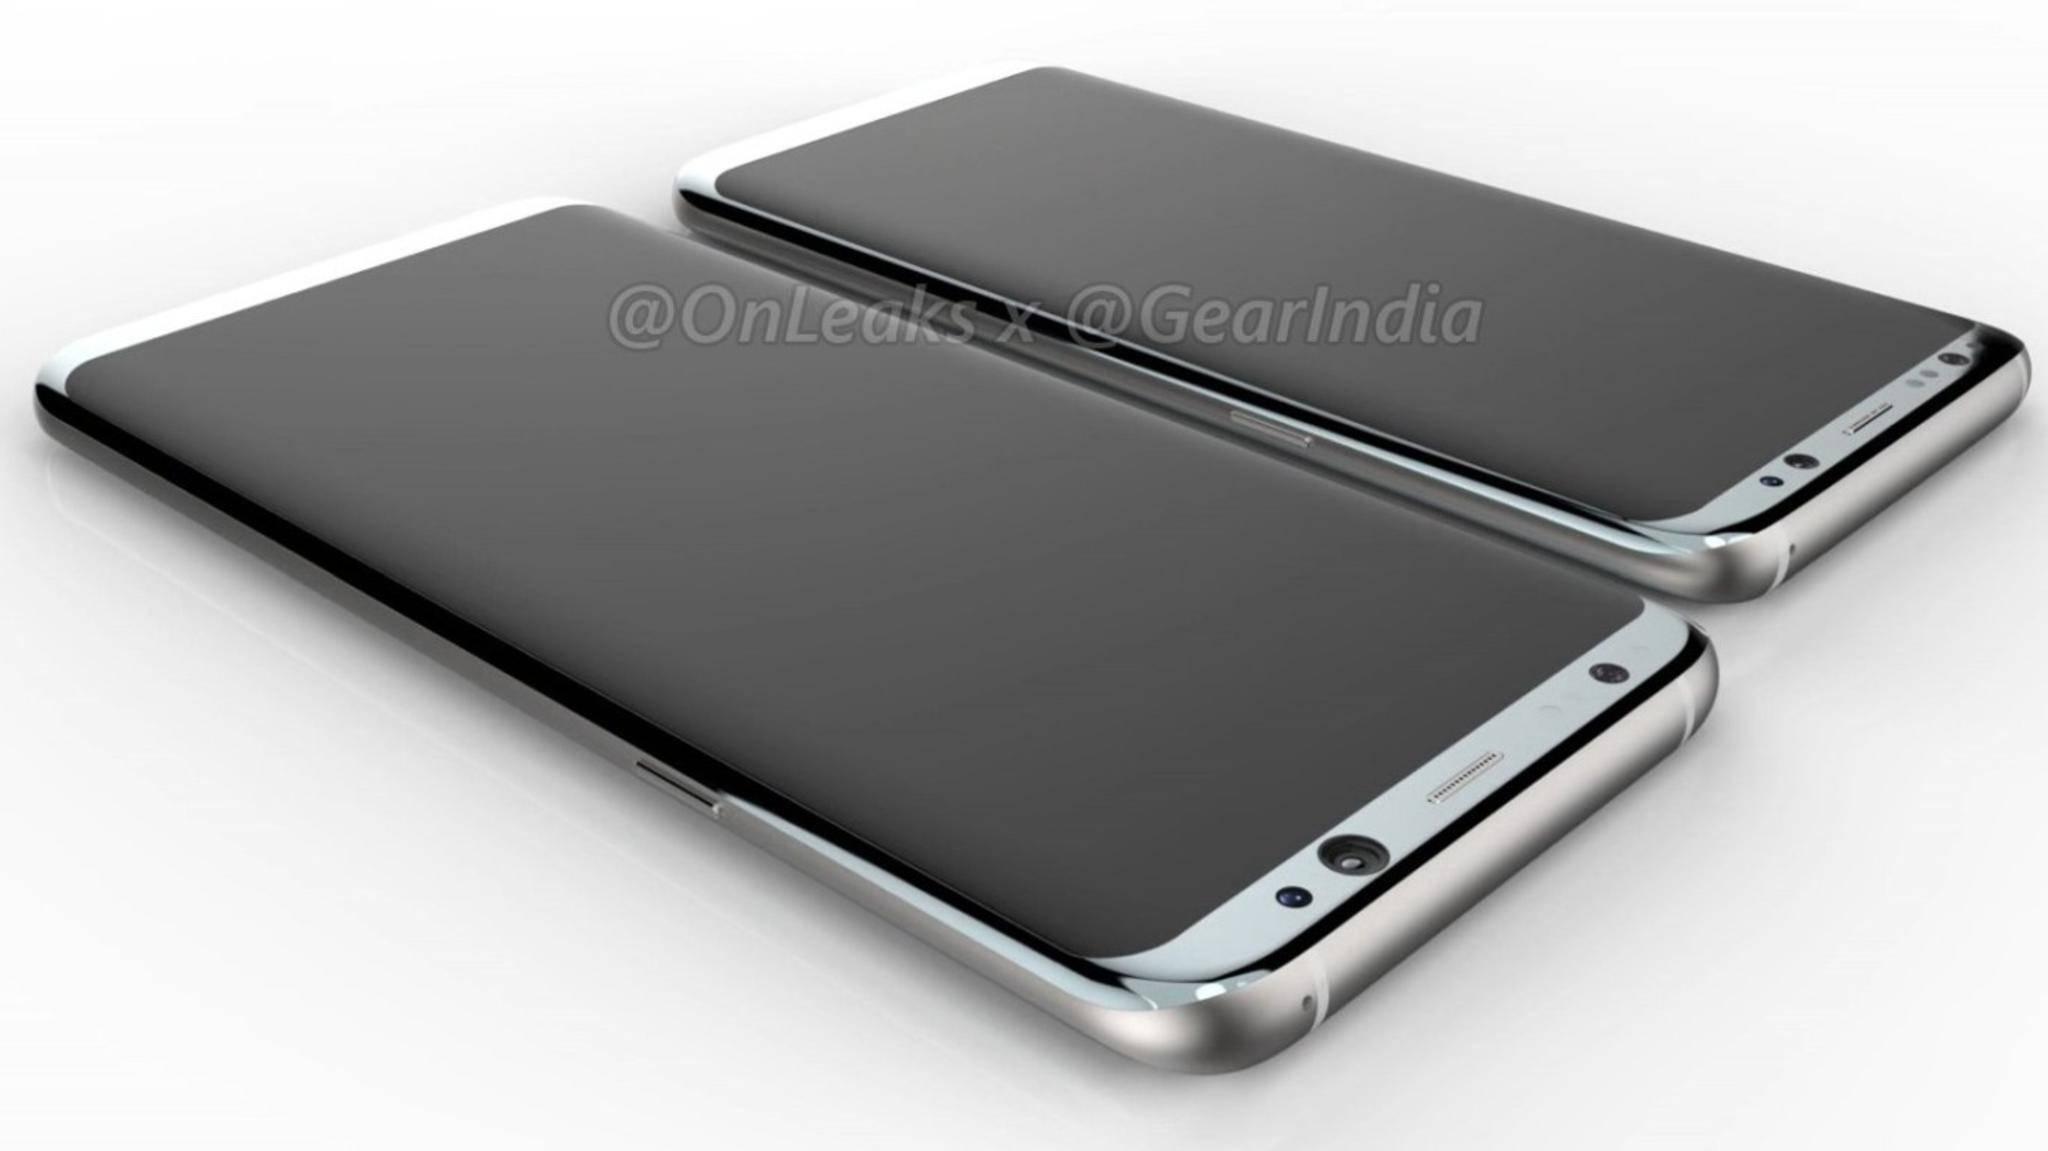 Am 27. Februar soll der Release-Termin für das Galaxy S8 verkündet werden.